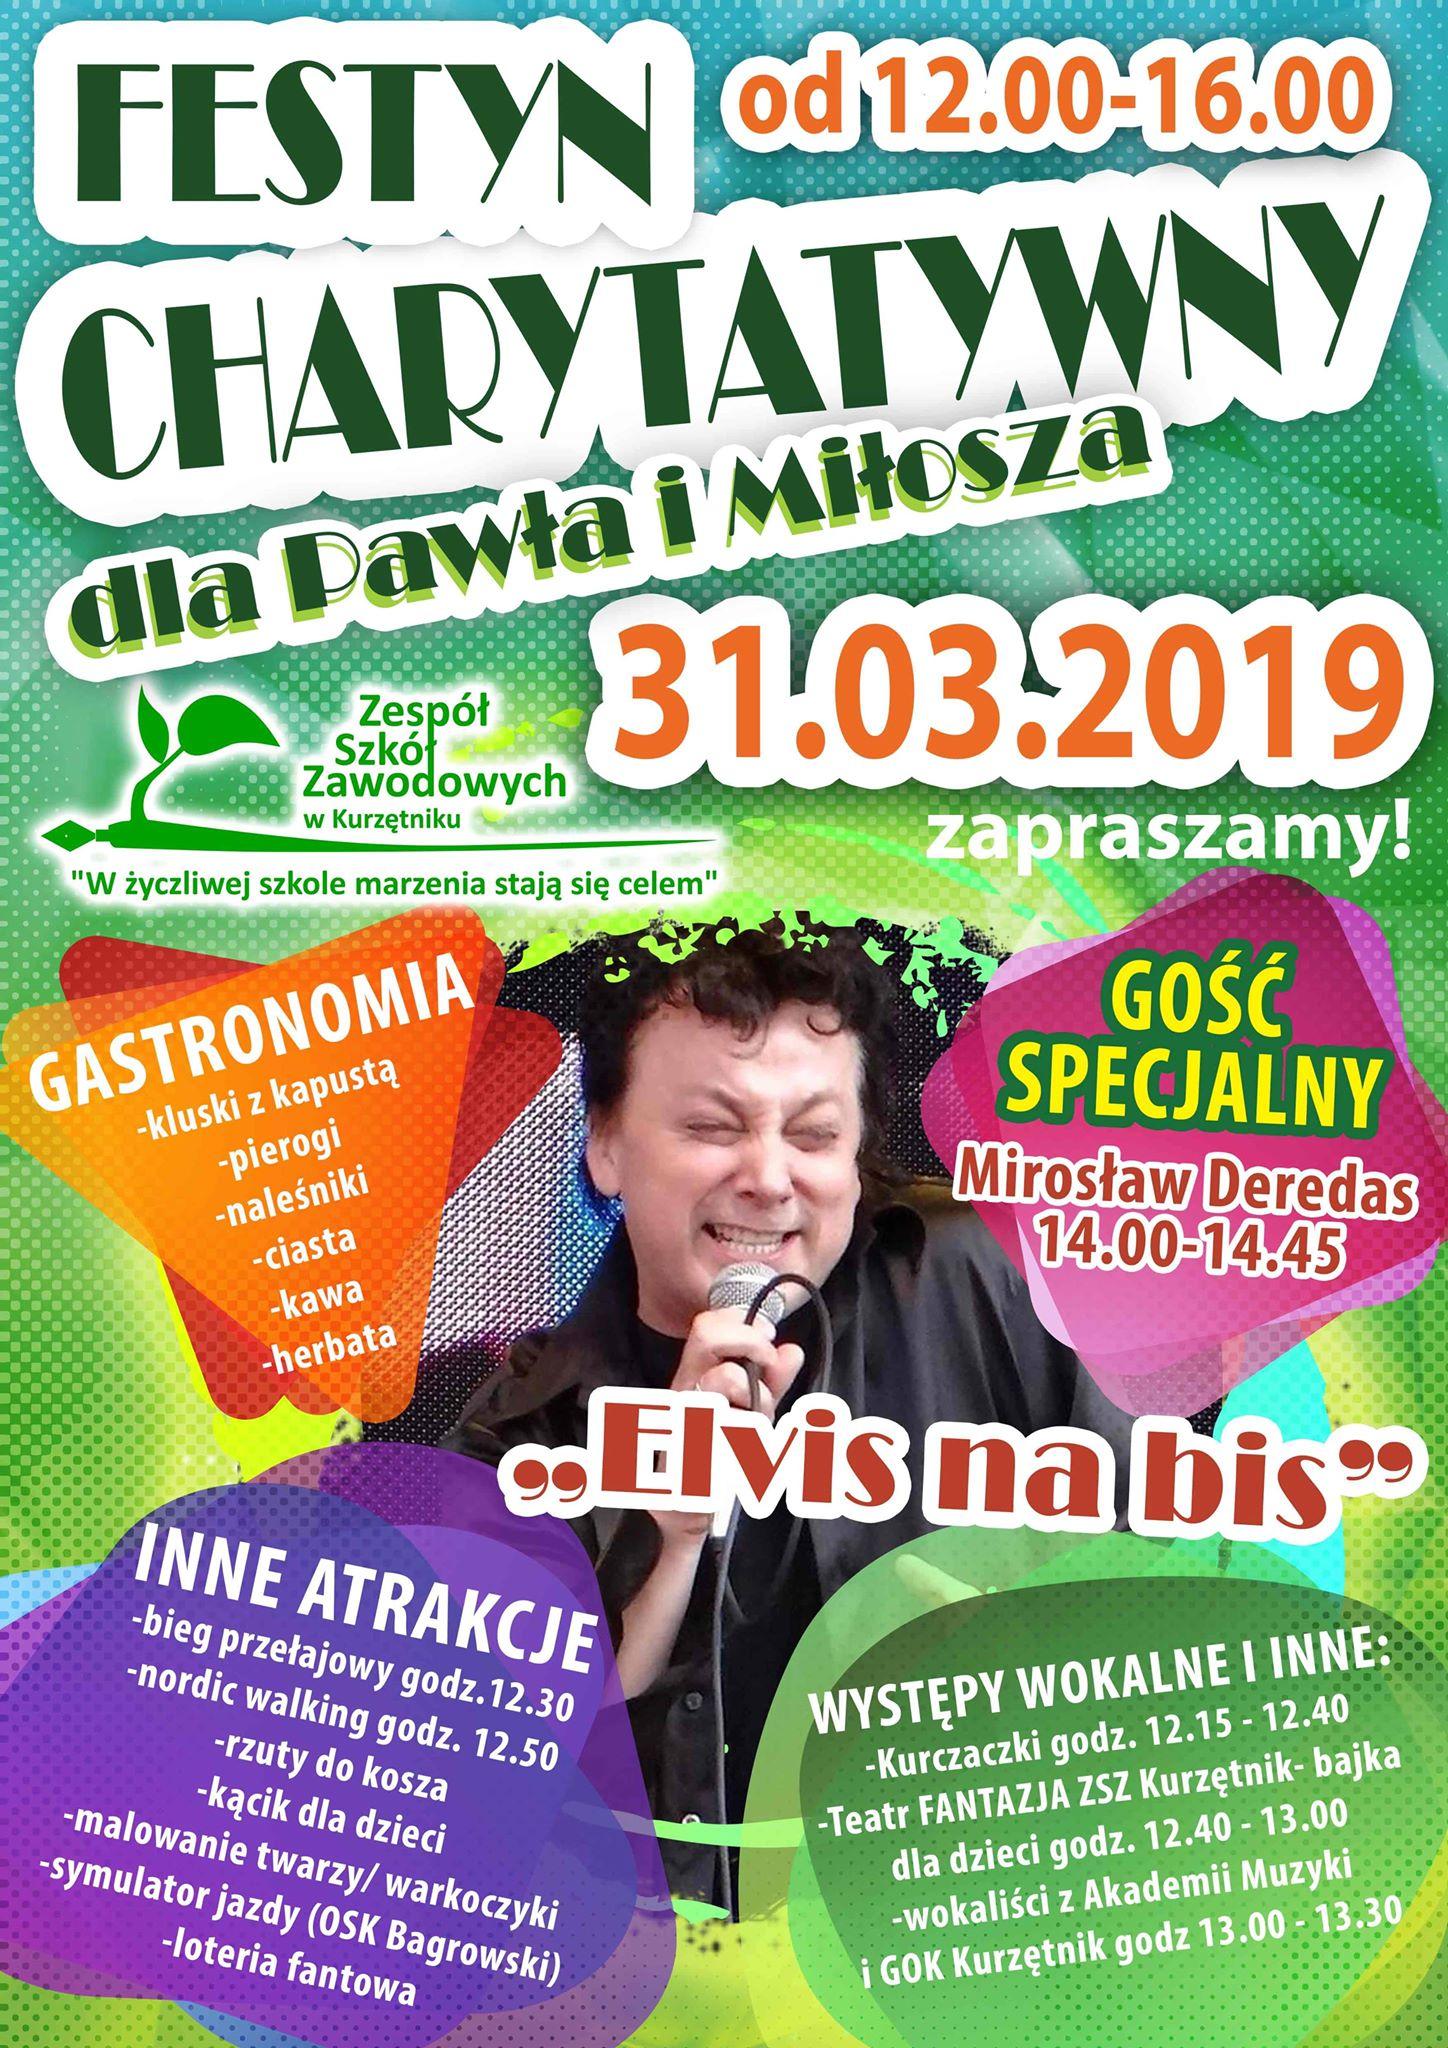 Polski Elvis Presley - Mirosław Deredas Elvis Na Bis - Mirosław Deredas